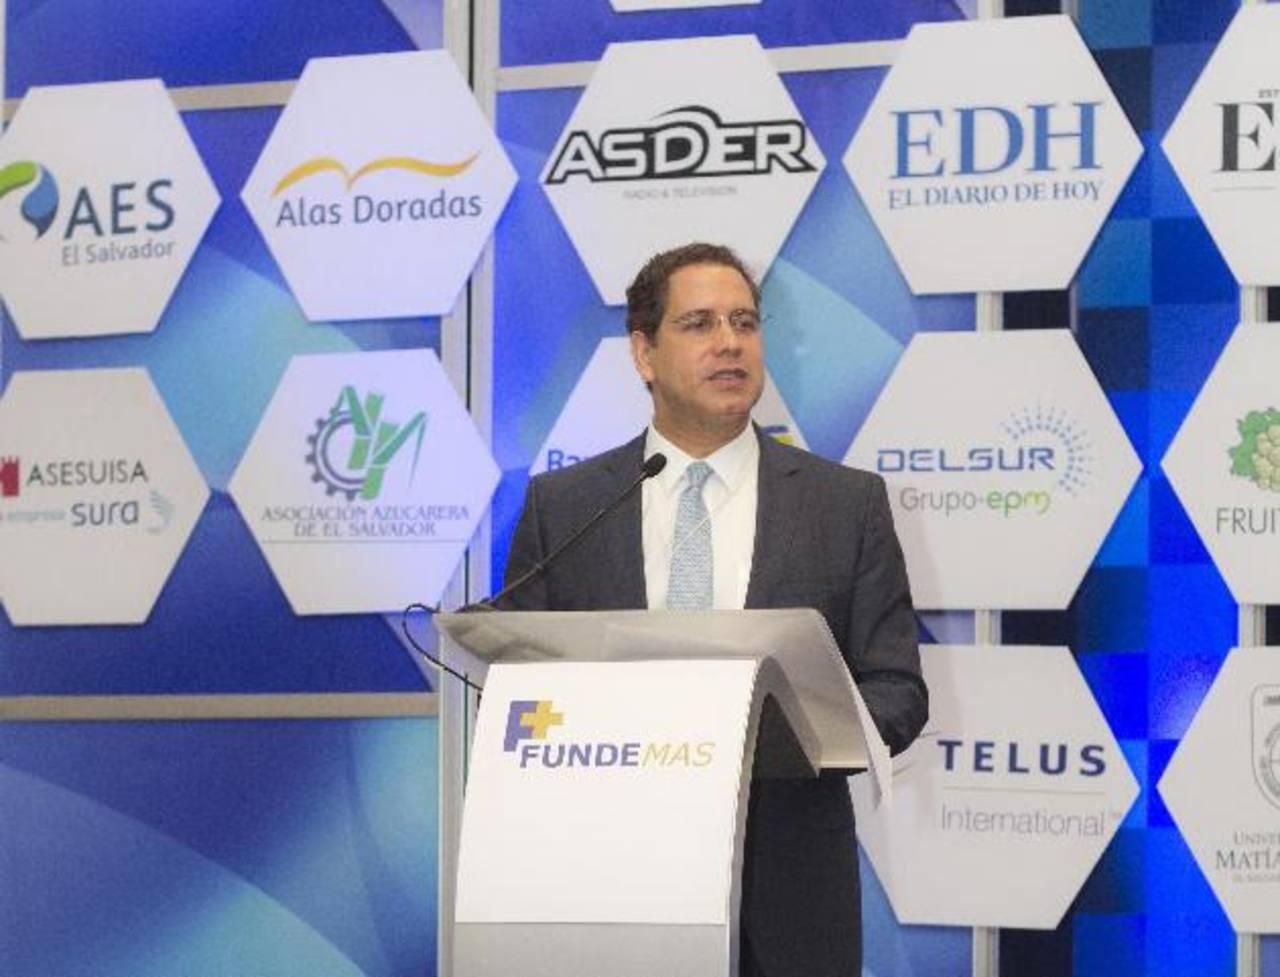 El director ejecutivo de El Diario de Hoy, Fabricio Altamirano, dirigió palabras de apertura en la segunda jornada de la Semana de la RSE. Foto EDH /